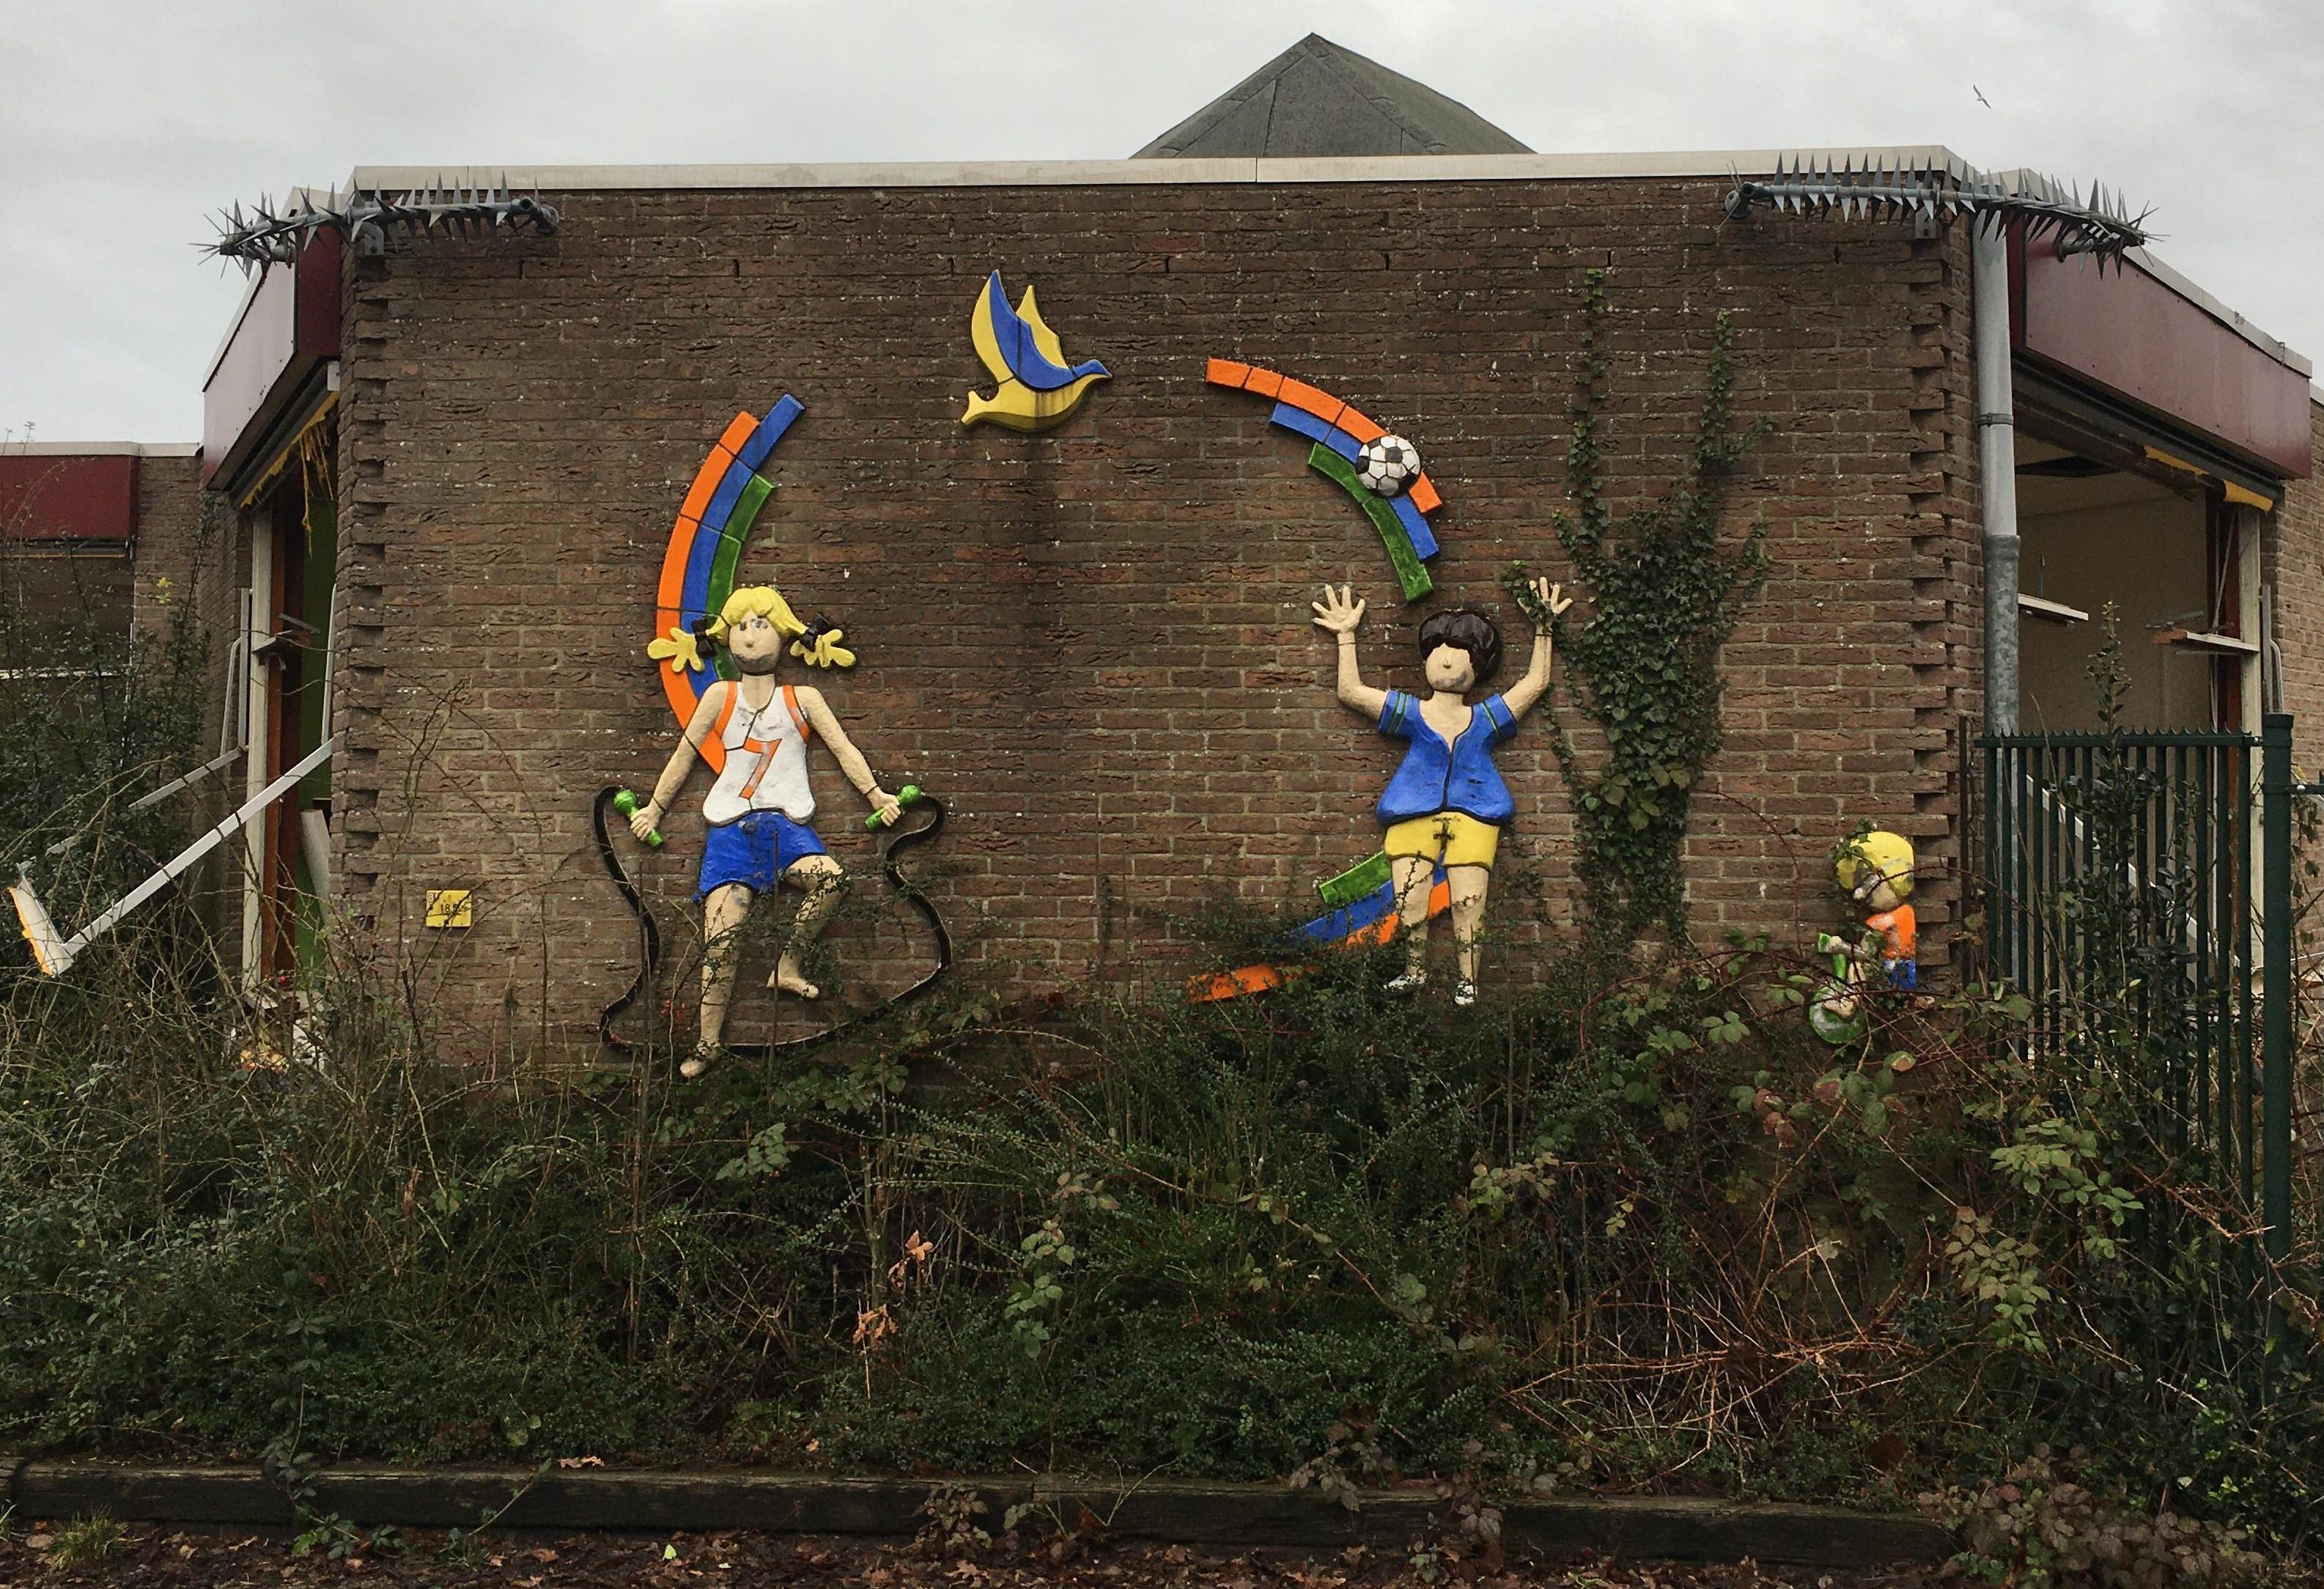 Het fietspoppetje van de oude basisschool in Warmenhuizen is op klaarlichte dag 'ontvoerd': 'Wie doet nou zoiets?'